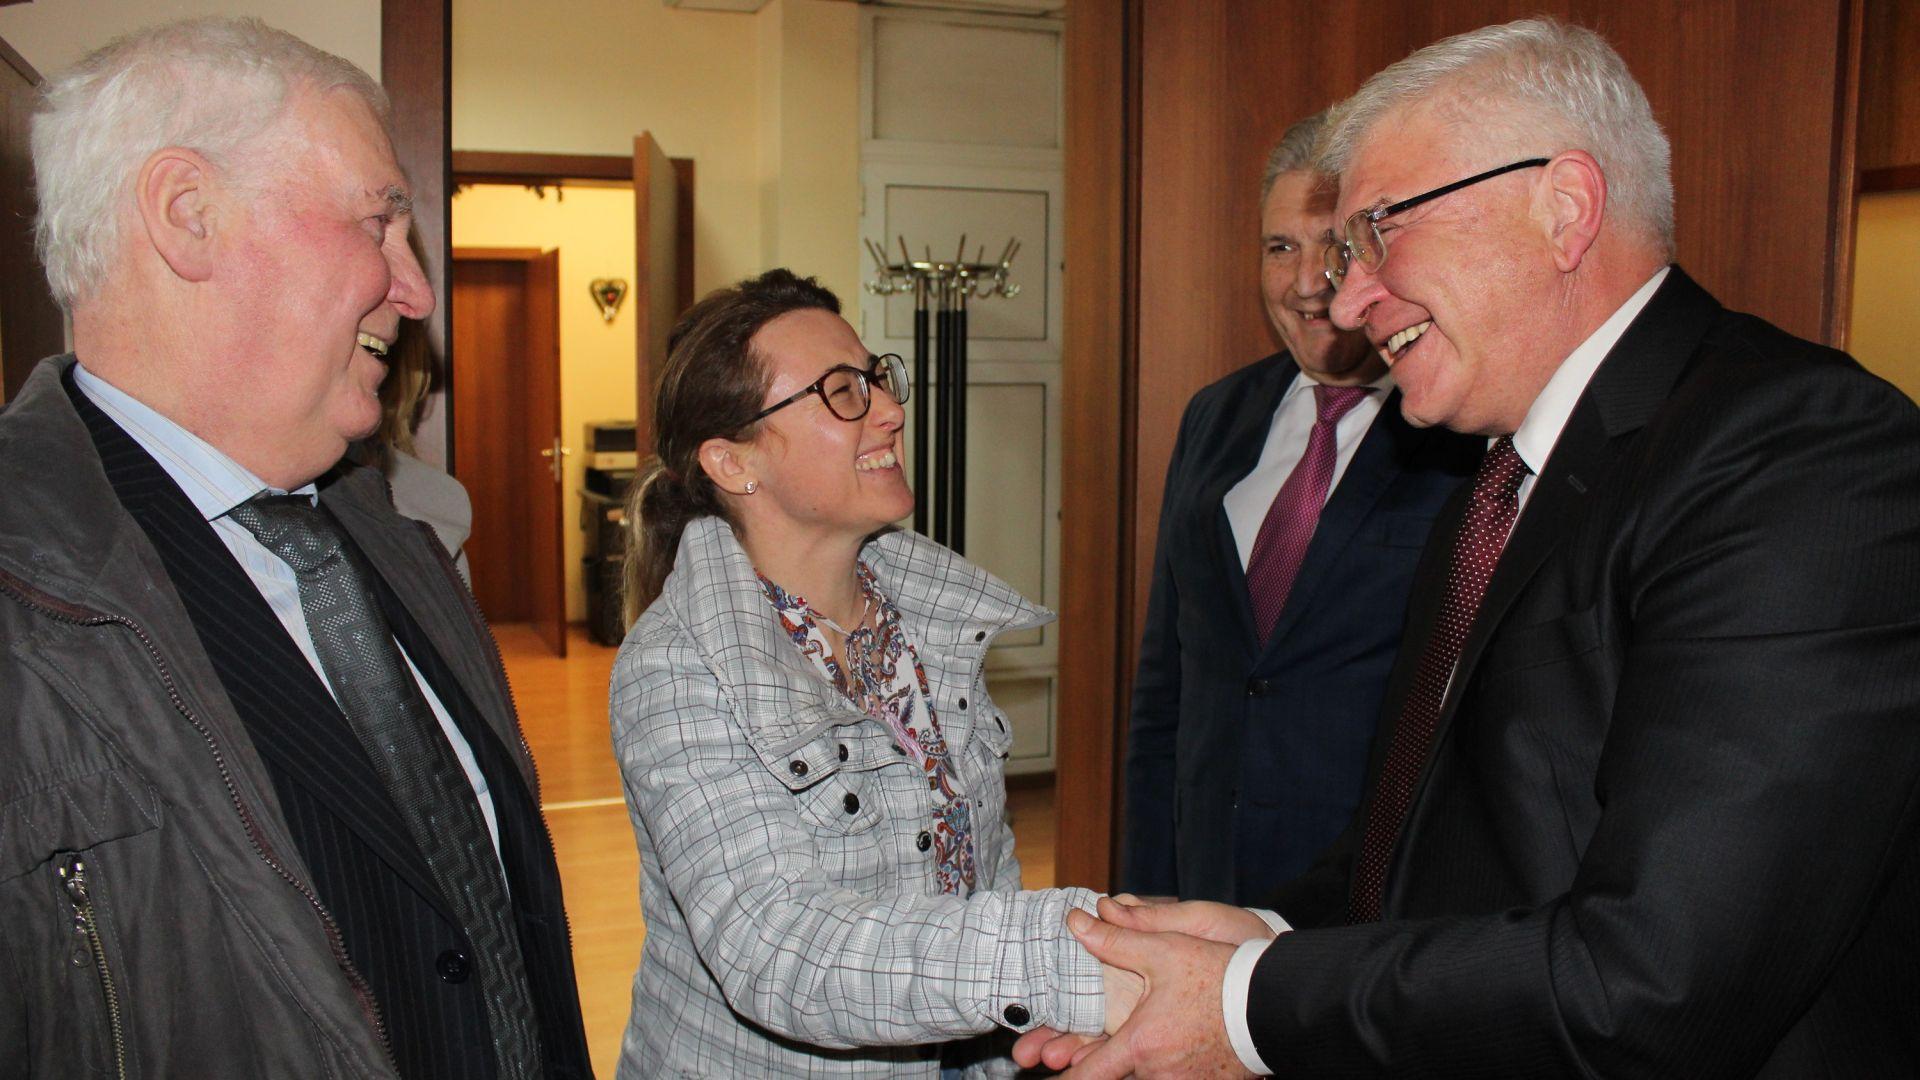 Кирил Ананиев се срещна с Мариян Горбан, който получи нов бял дроб (снимки)